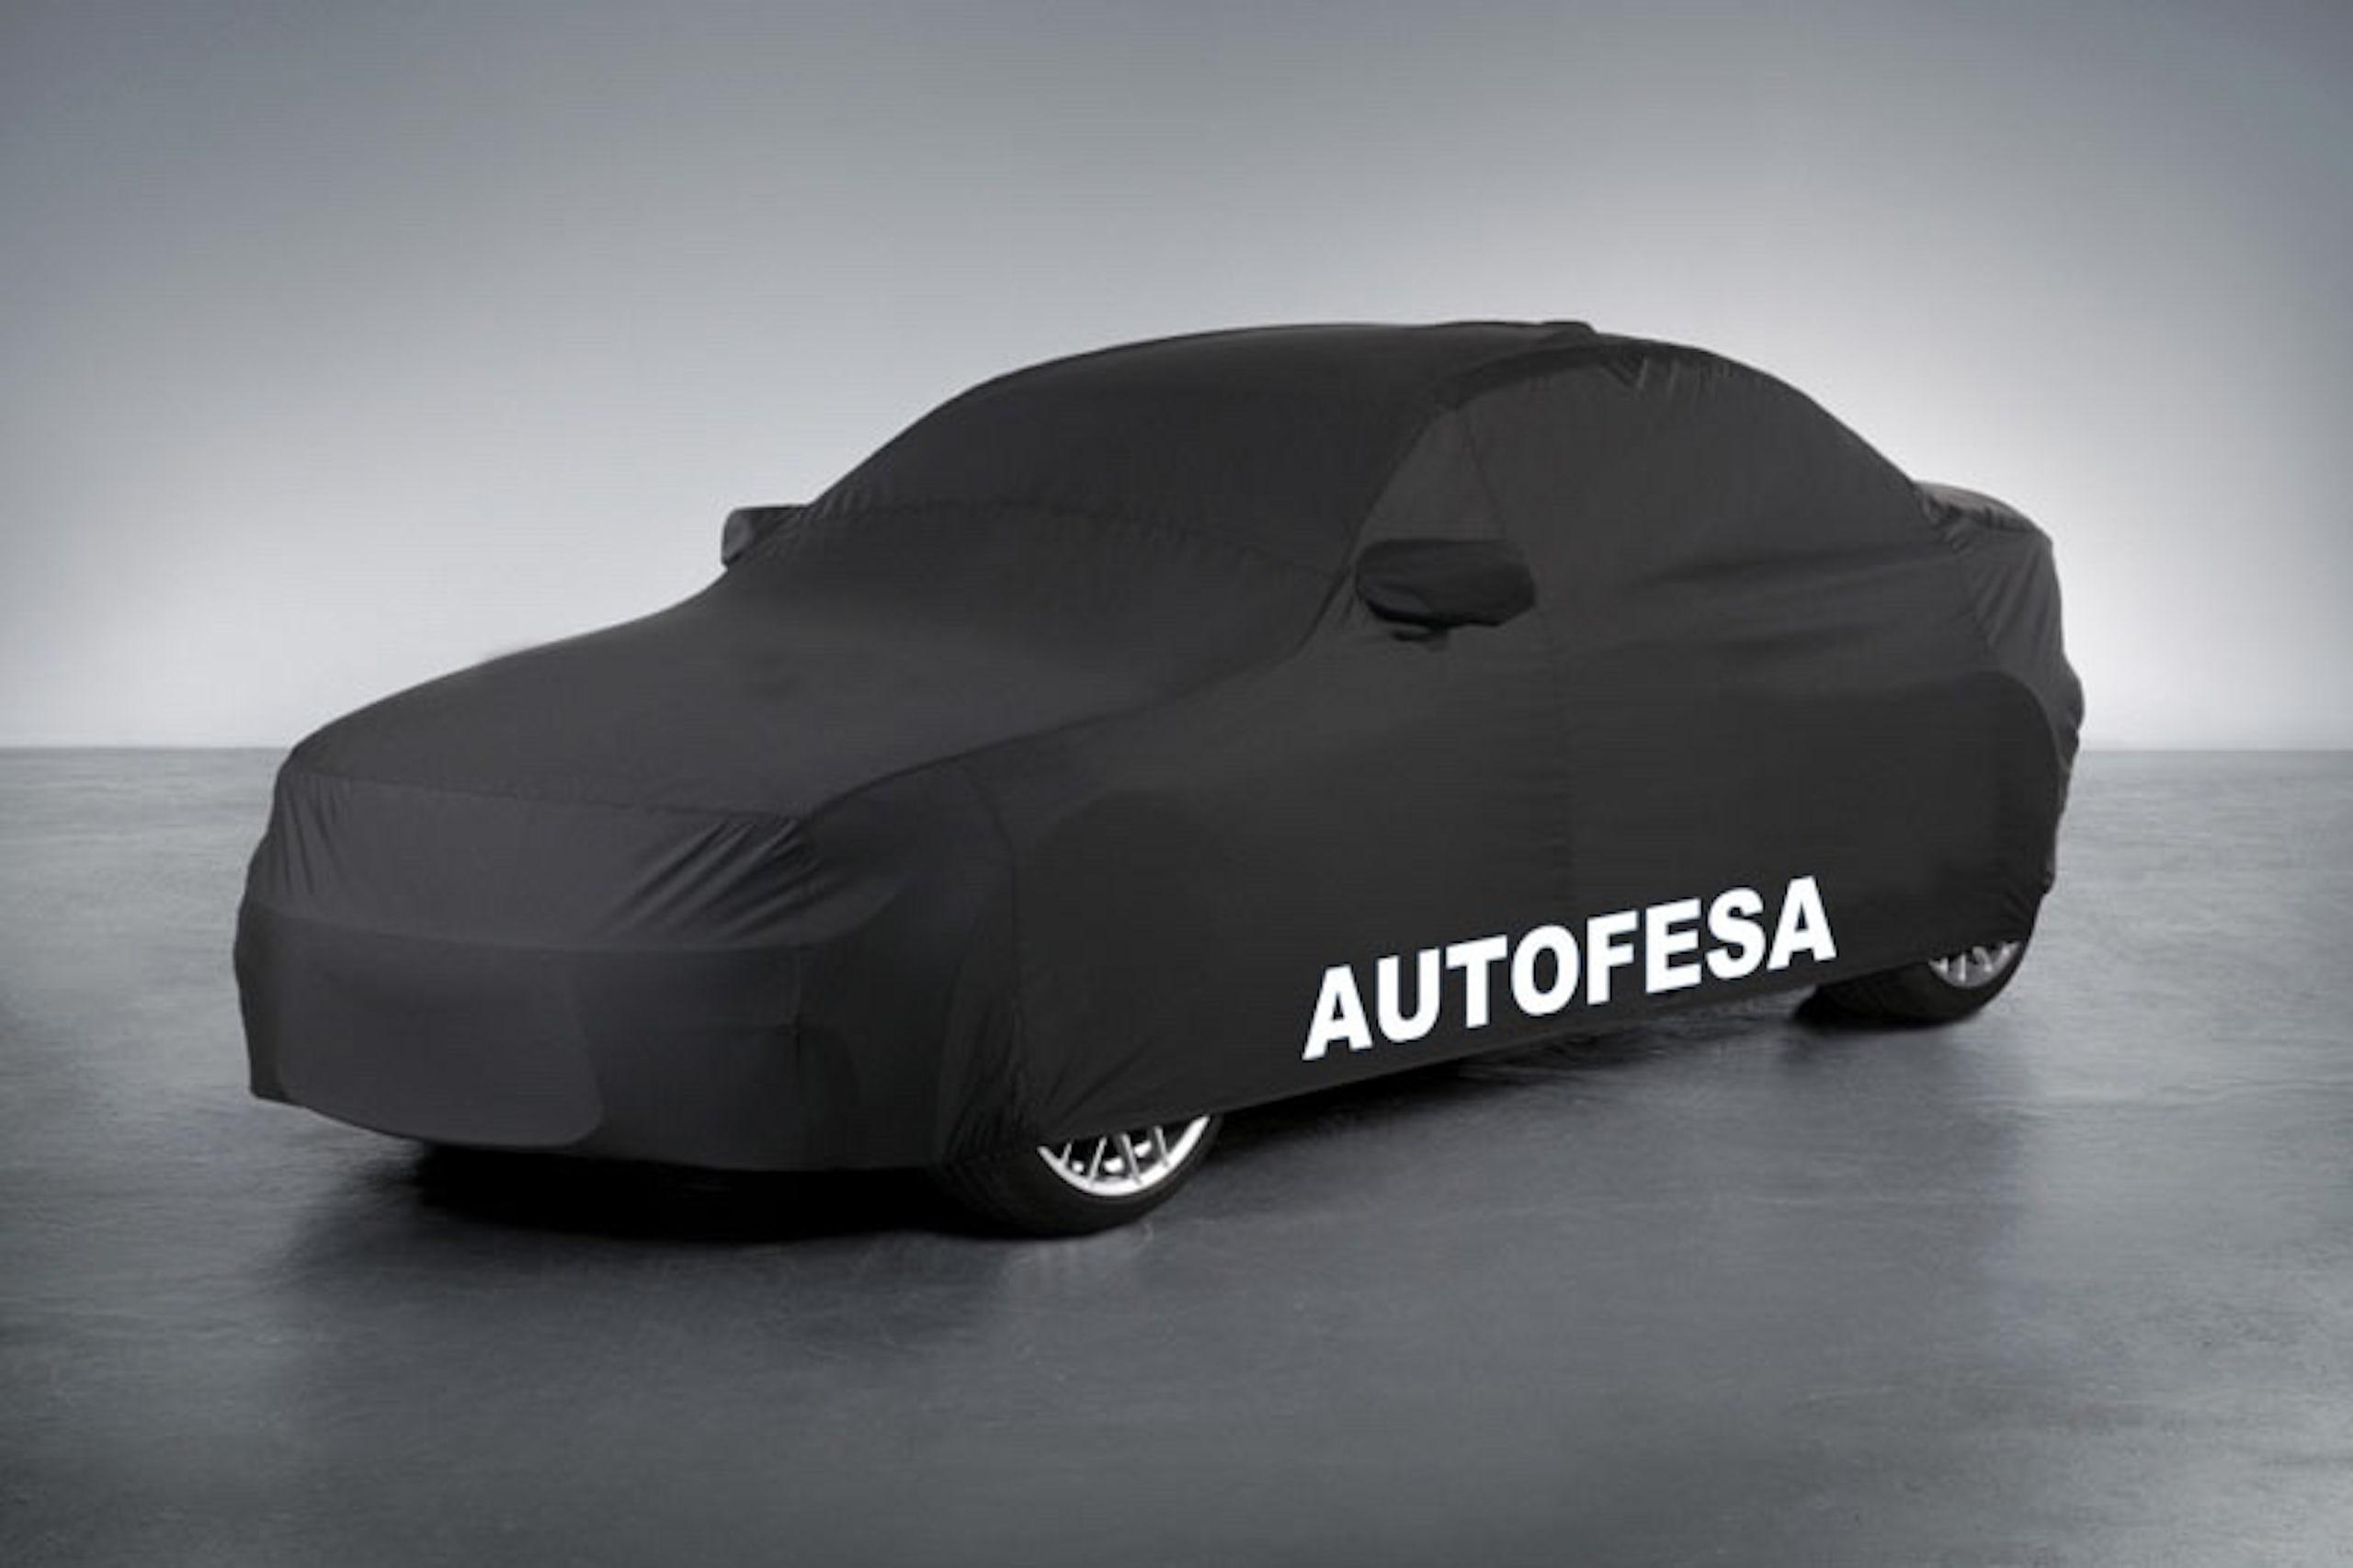 Audi A4 Avant 2.0 TDI 150cv Auto 5p S/S - Foto 5